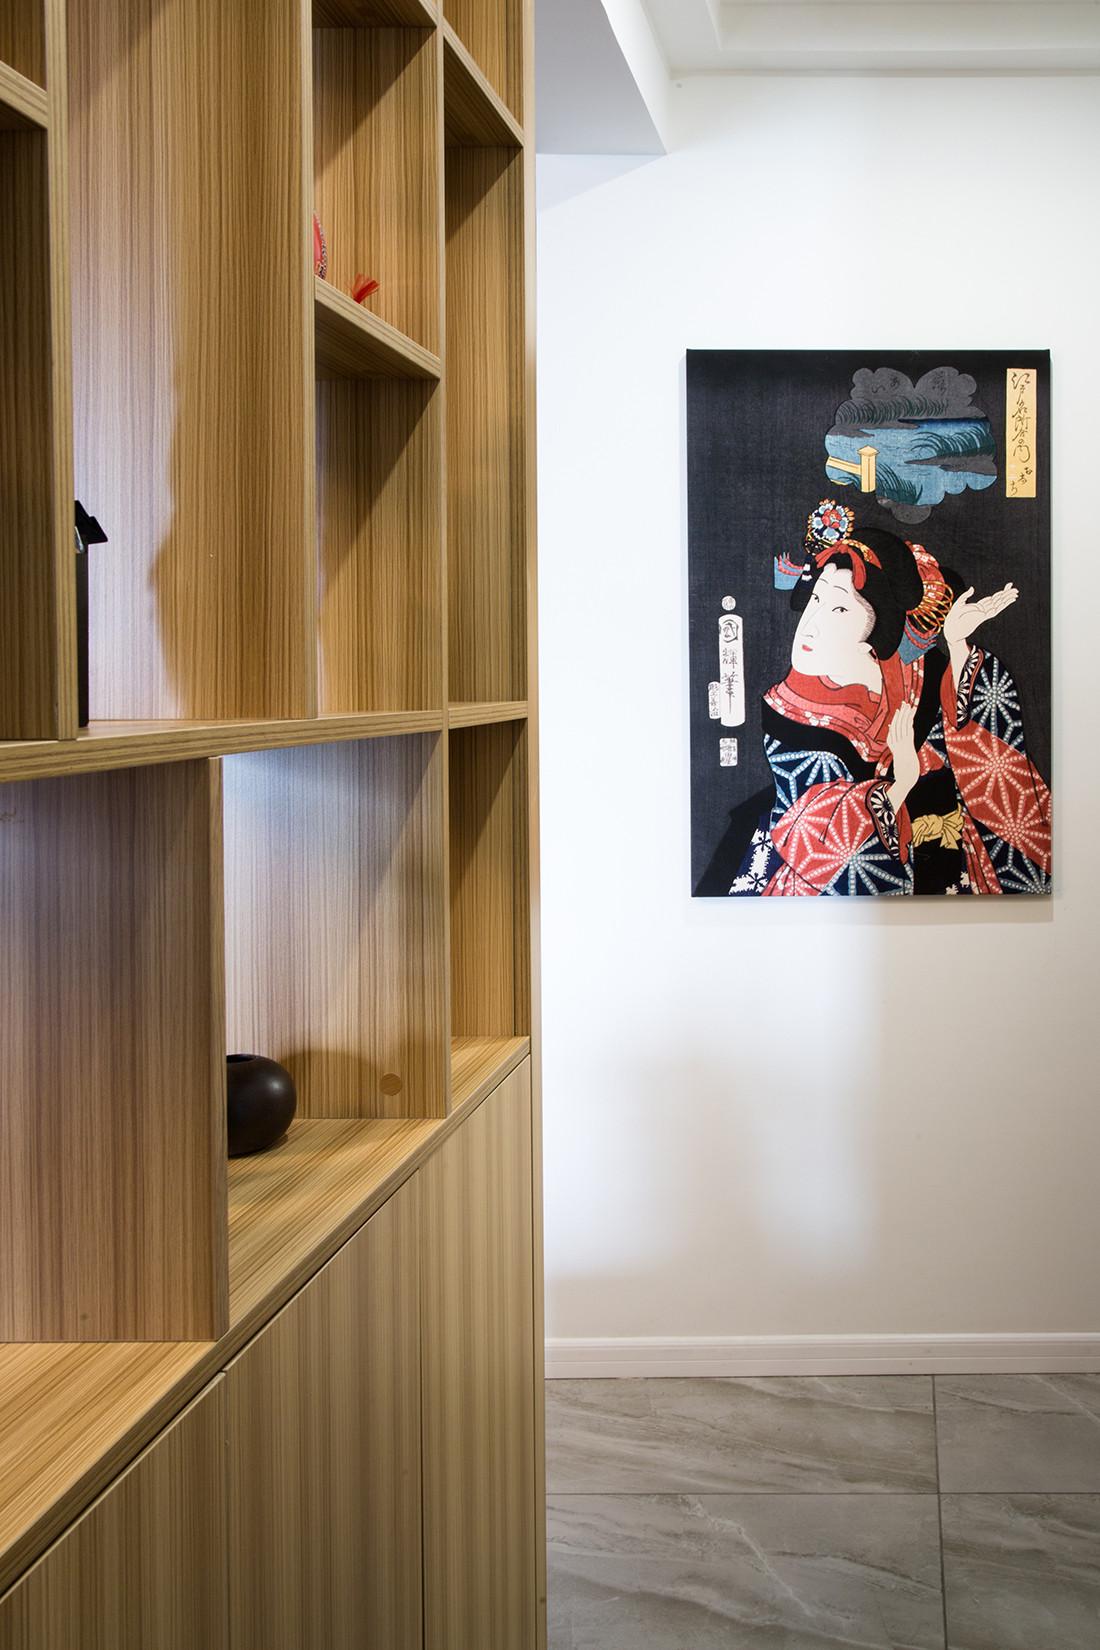 二居室日式风格家装饰画图片